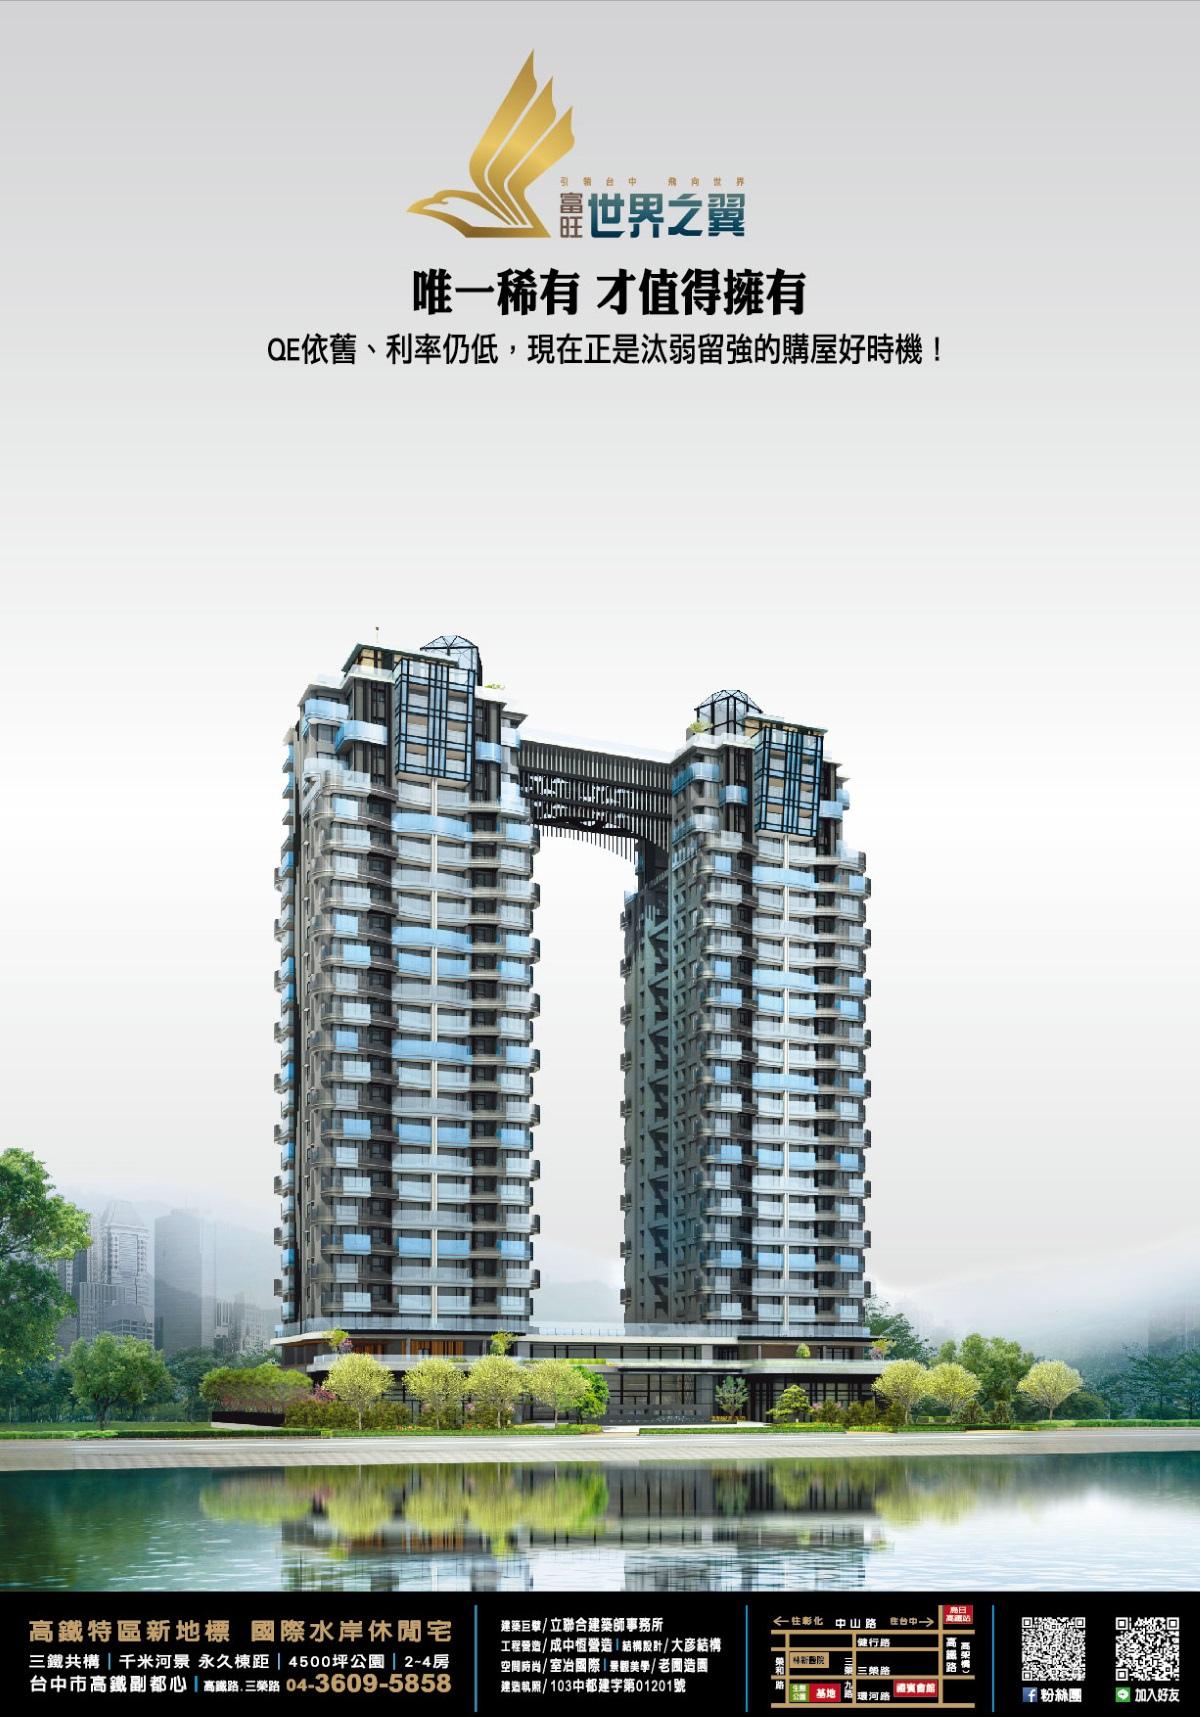 [烏日高鐵] 富旺.世界之翼(大樓)2015-07-14 005